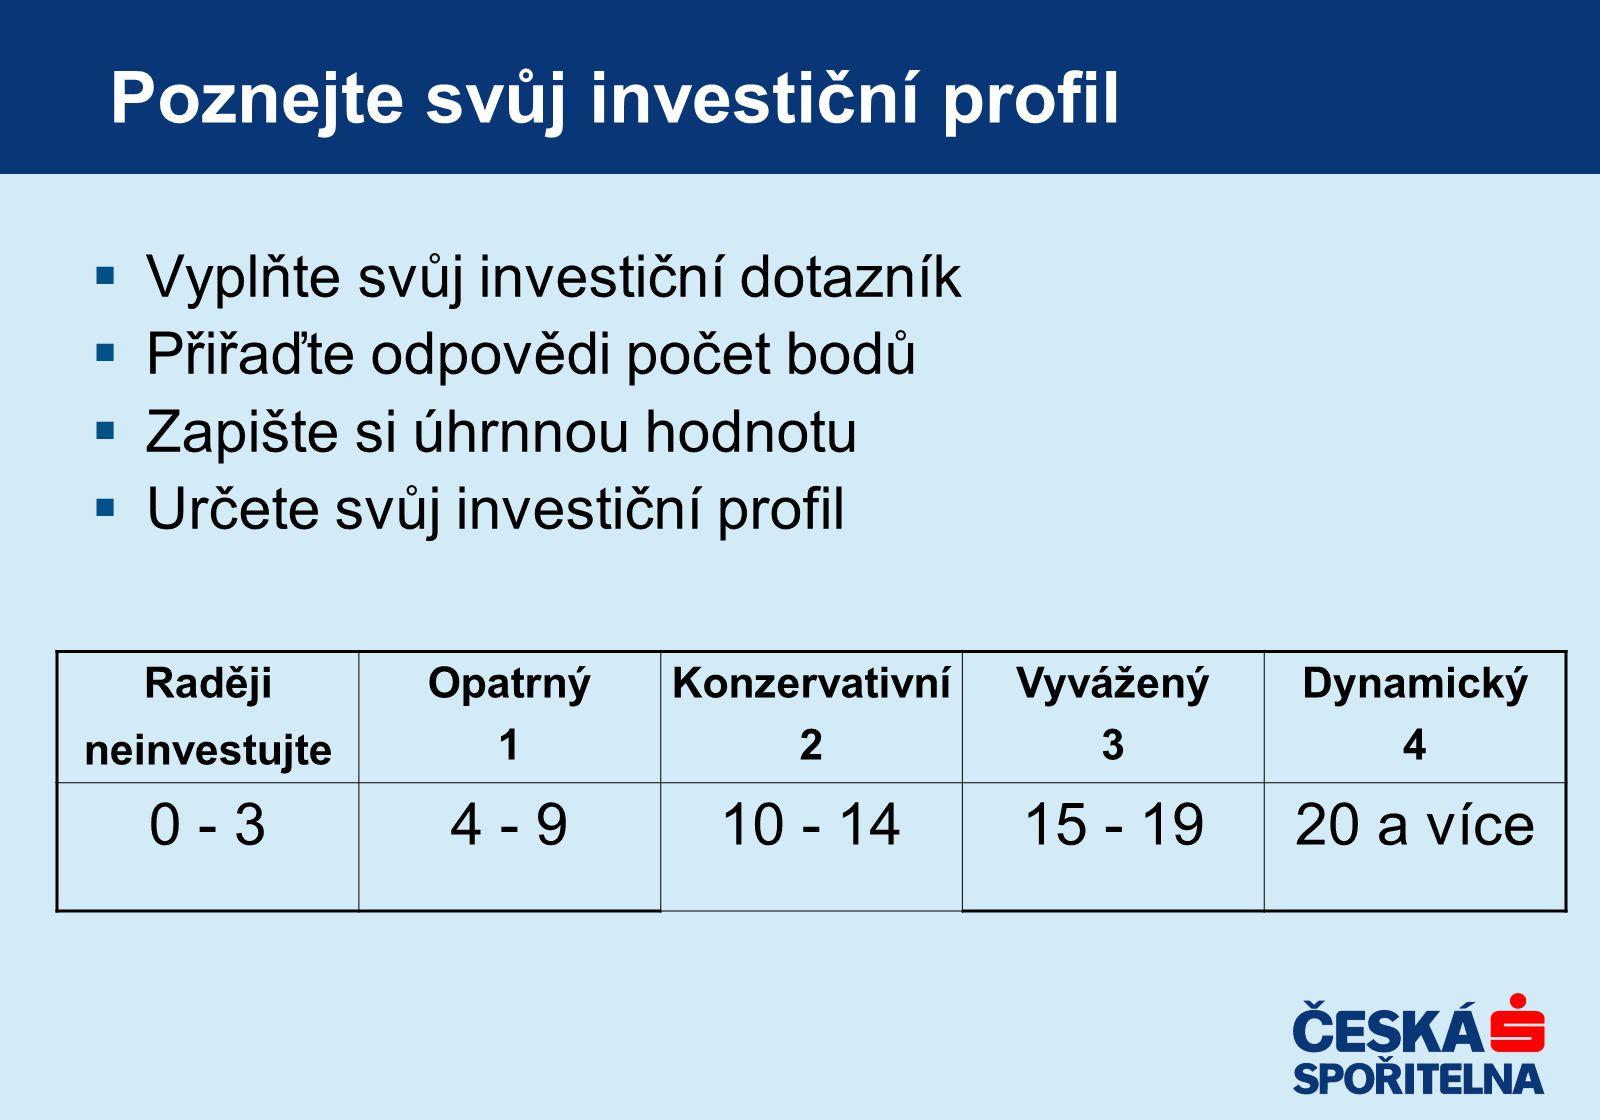 Poznejte svůj investiční profil  Vyplňte svůj investiční dotazník  Přiřaďte odpovědi počet bodů  Zapište si úhrnnou hodnotu  Určete svůj investičn